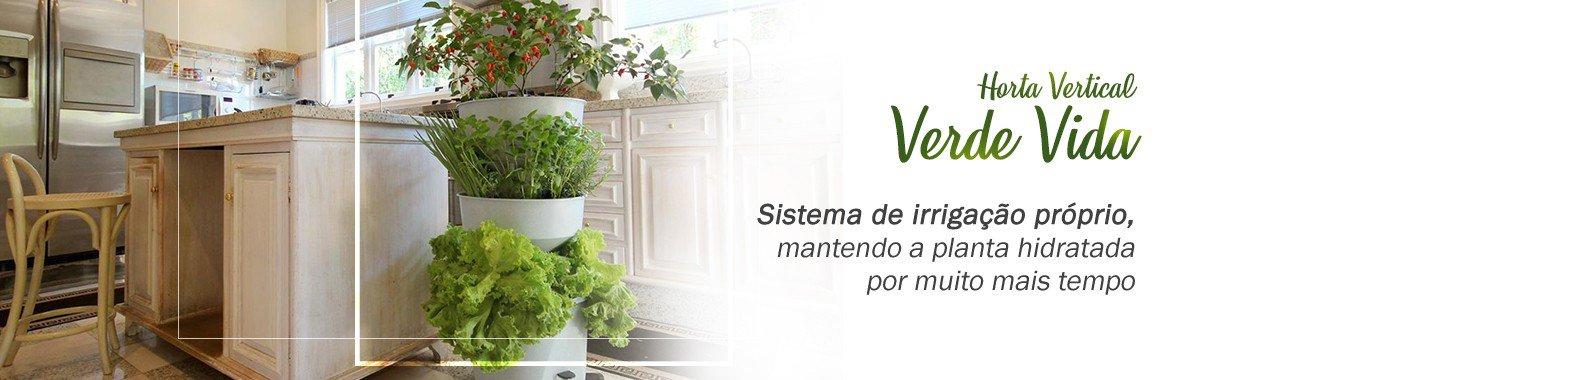 banner-horta-verde-vida-irrigacao